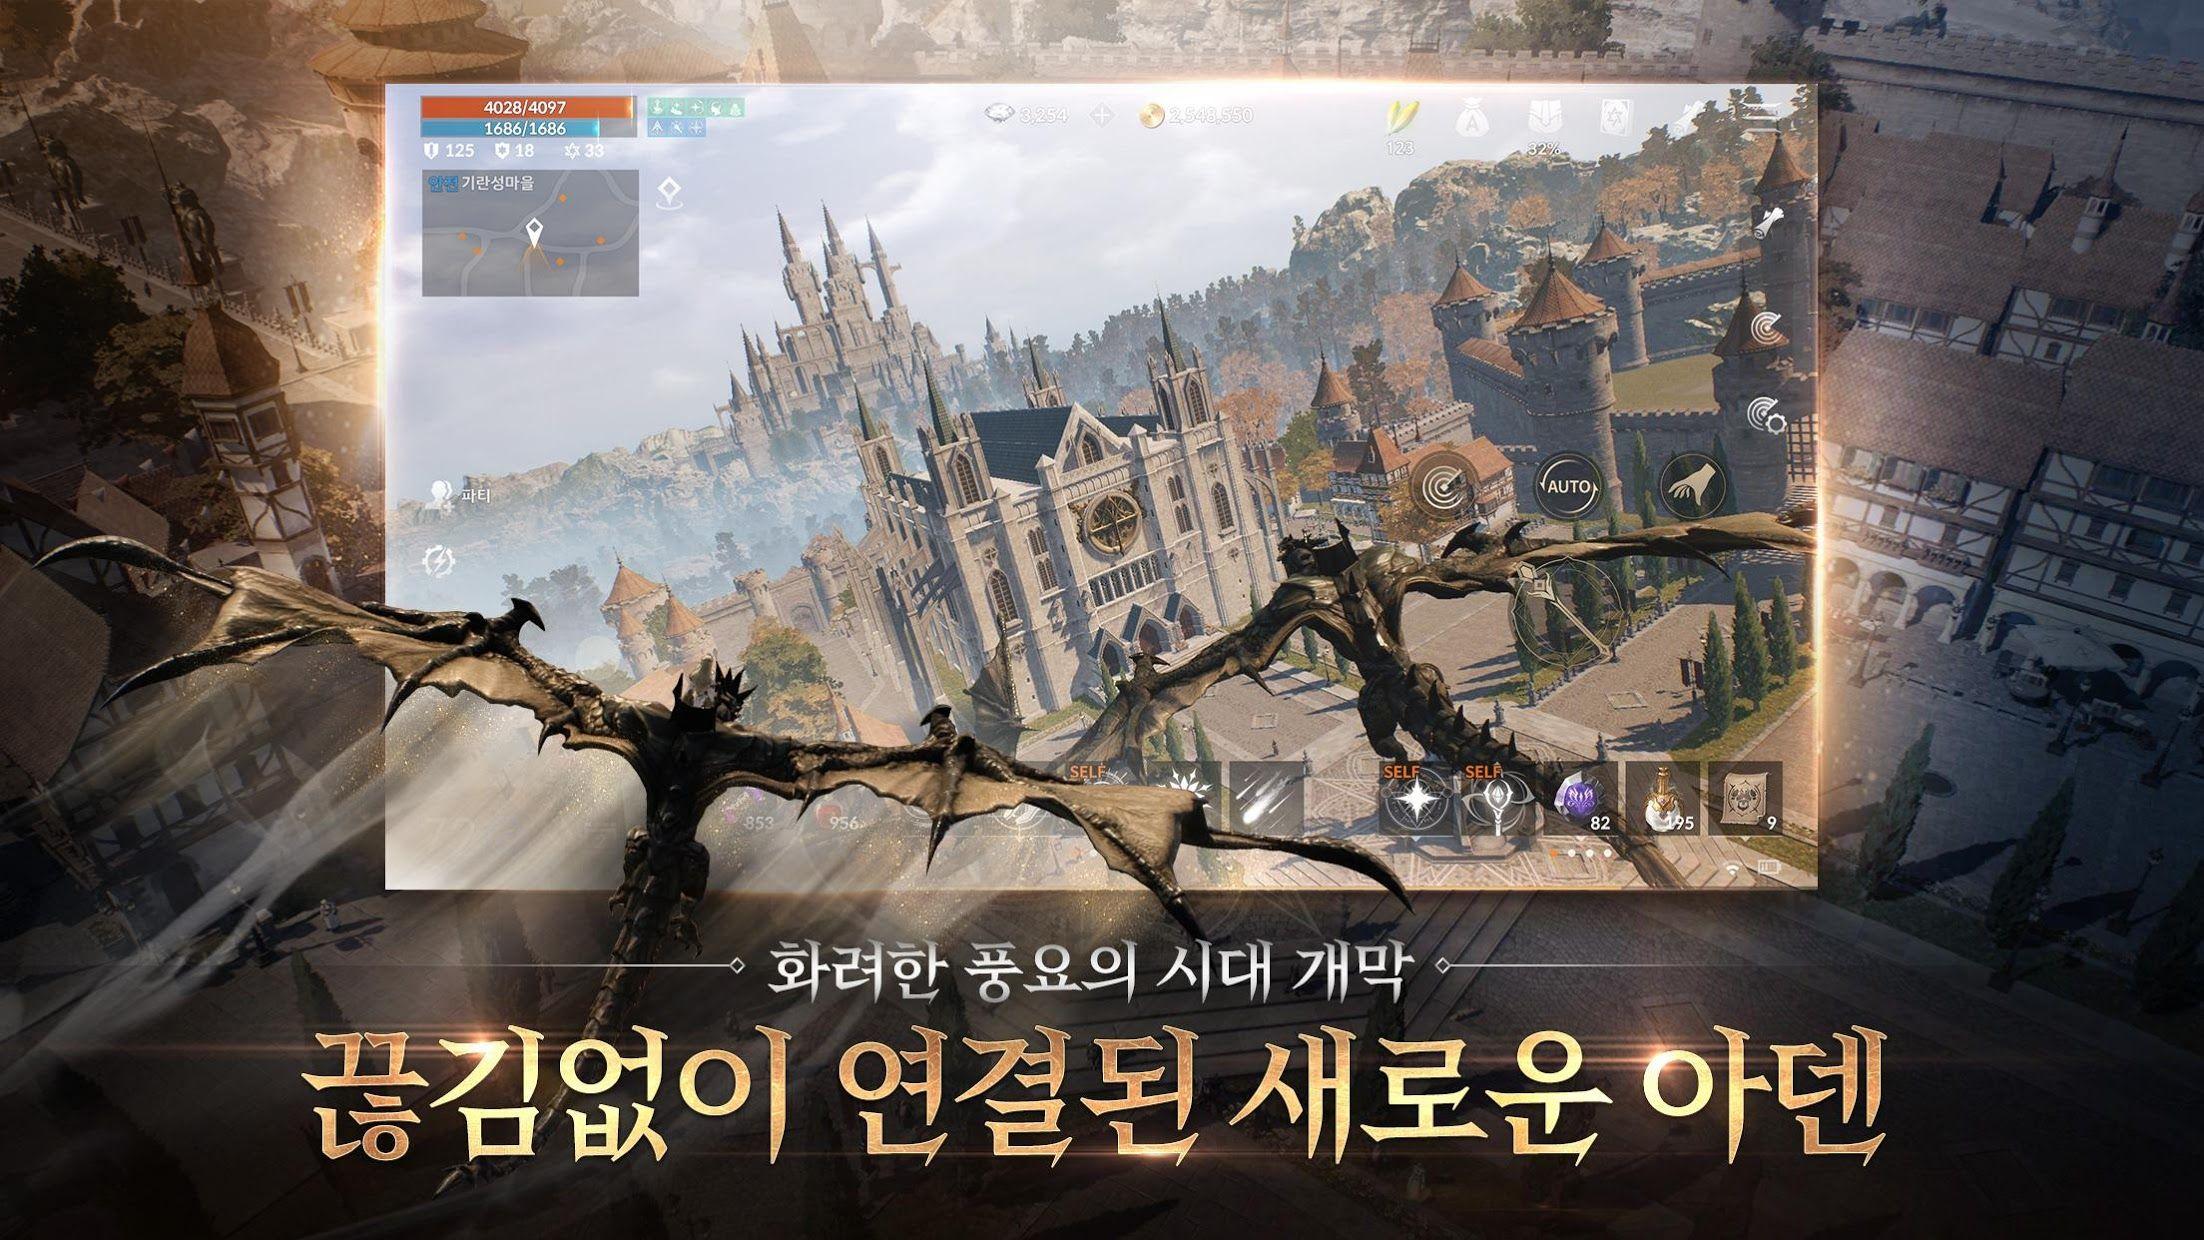 天堂2M(韩服 12+) 游戏截图1